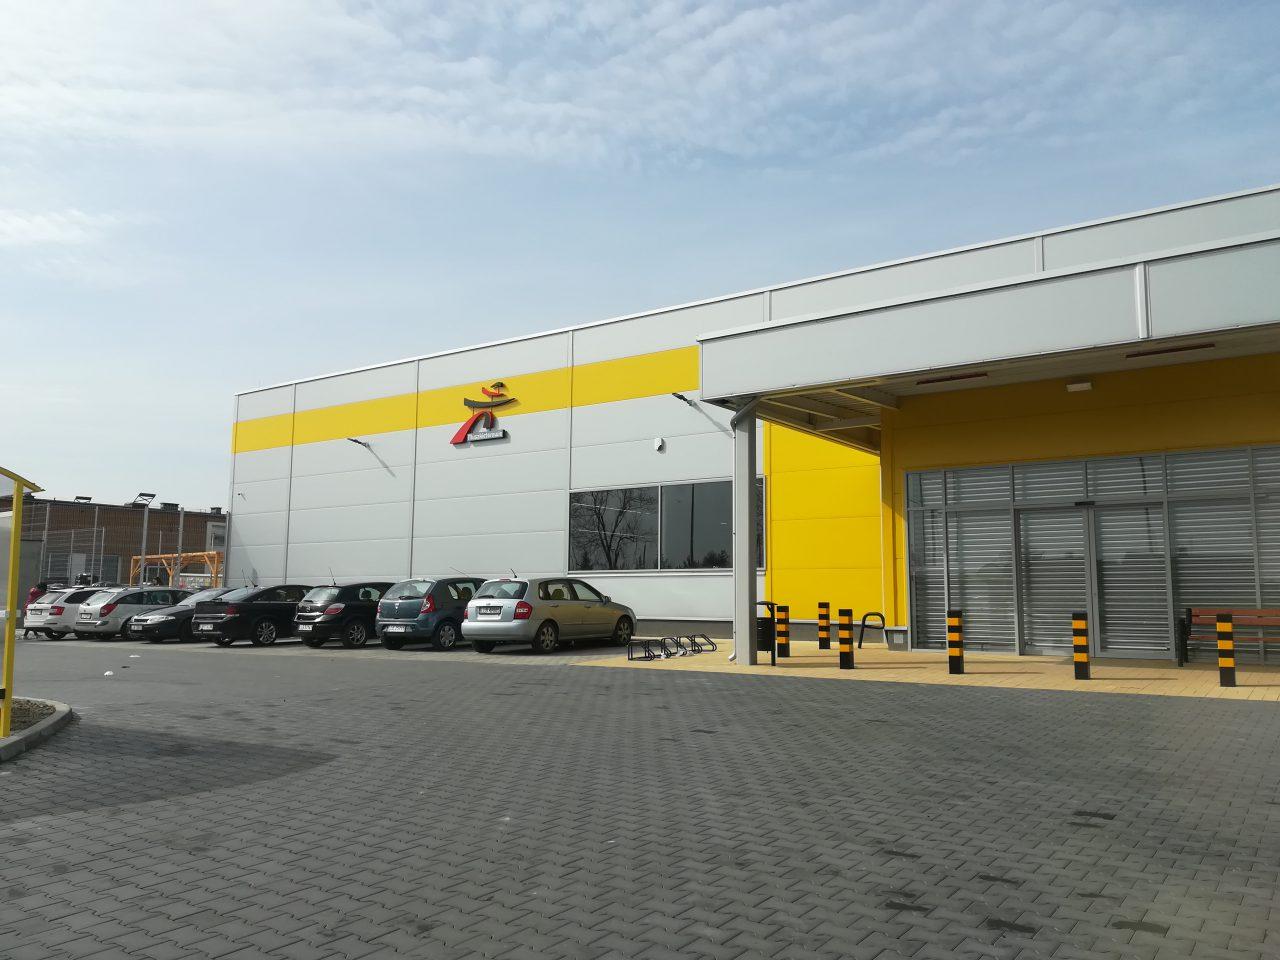 919ae65cc W przyszłym tygodniu w Lubartowie zacznie działać kolejny obiekt handlowy.  Tak jak większość sklepów w tym mieście, zlokalizowany jest przy głównej  ulicy ...